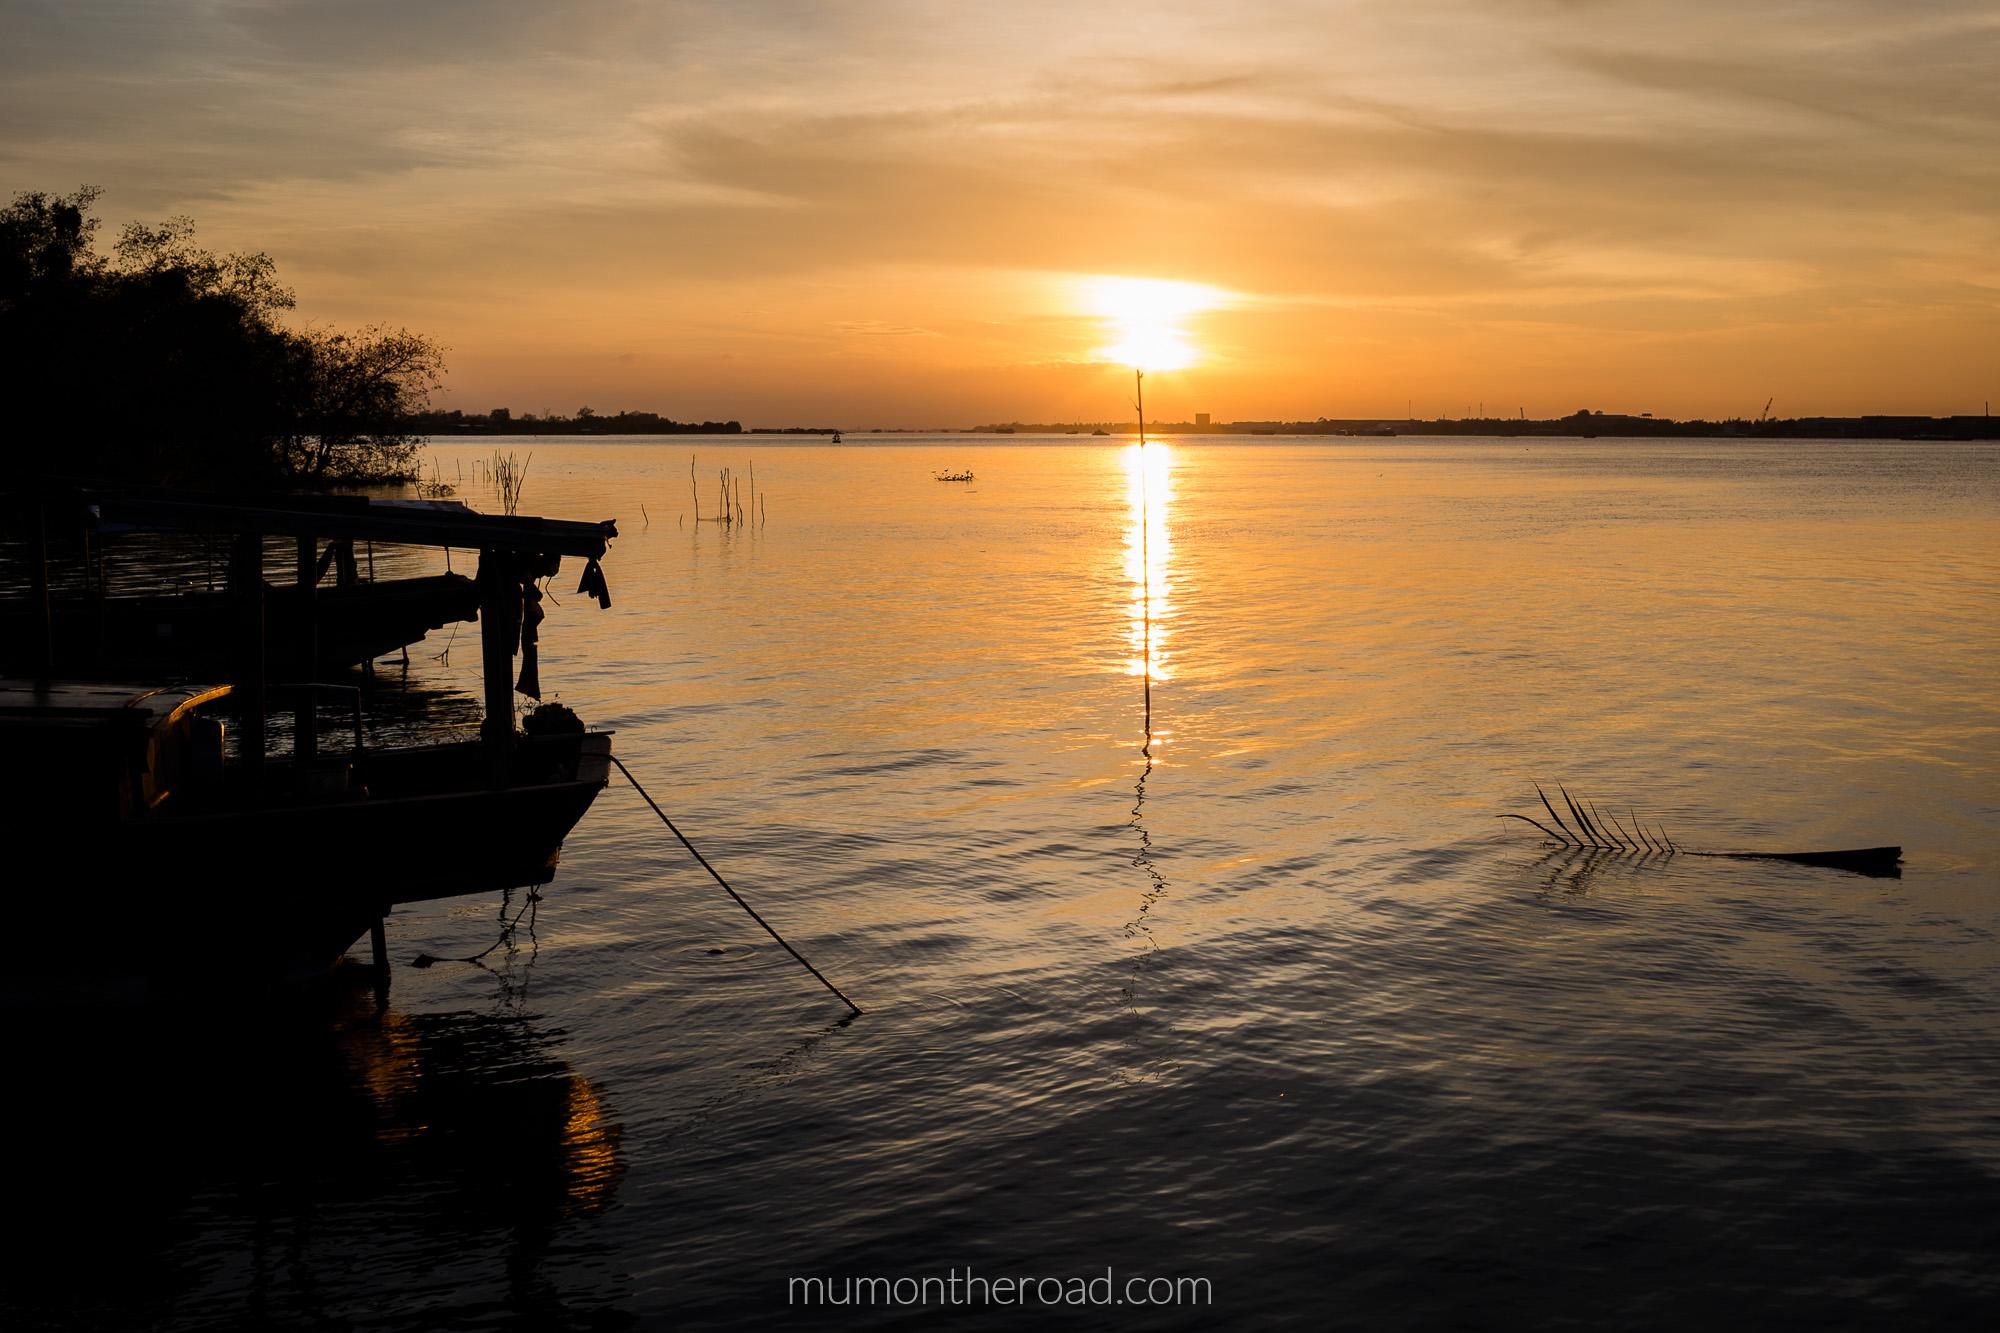 Coucher de soleil et bateau sur un bras du delta du Mékong à My Tho, Vietnam